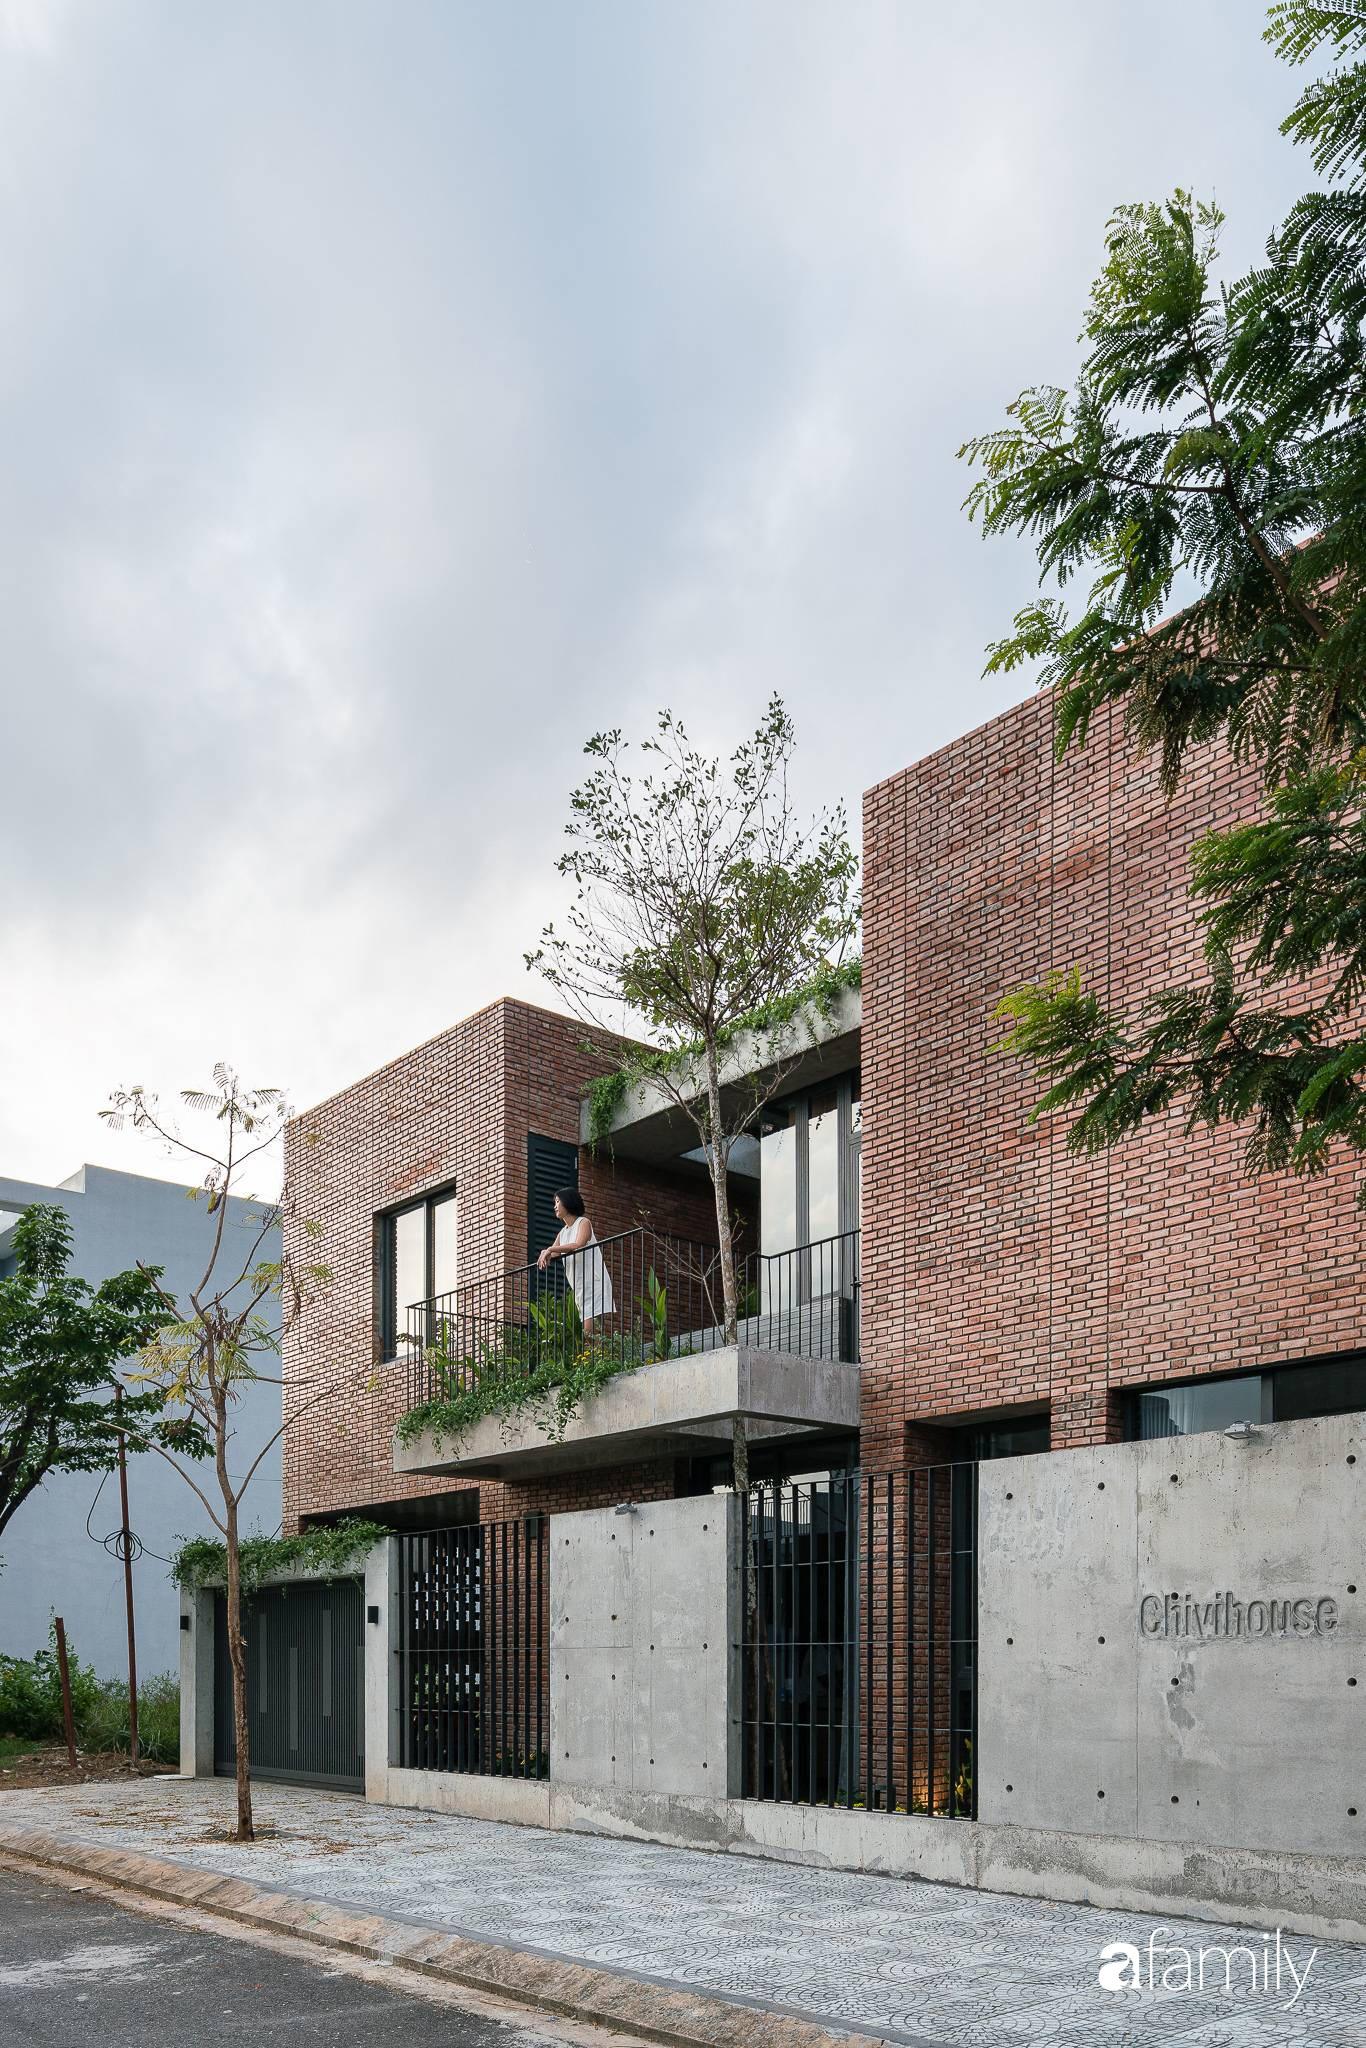 Ngôi nhà sử dụng vật liệu thuần tự nhiên tạo cảm giác bình yên cho hai cô con gái nhỏ cùng nhau lớn lên ở Đà Nẵng - Ảnh 3.